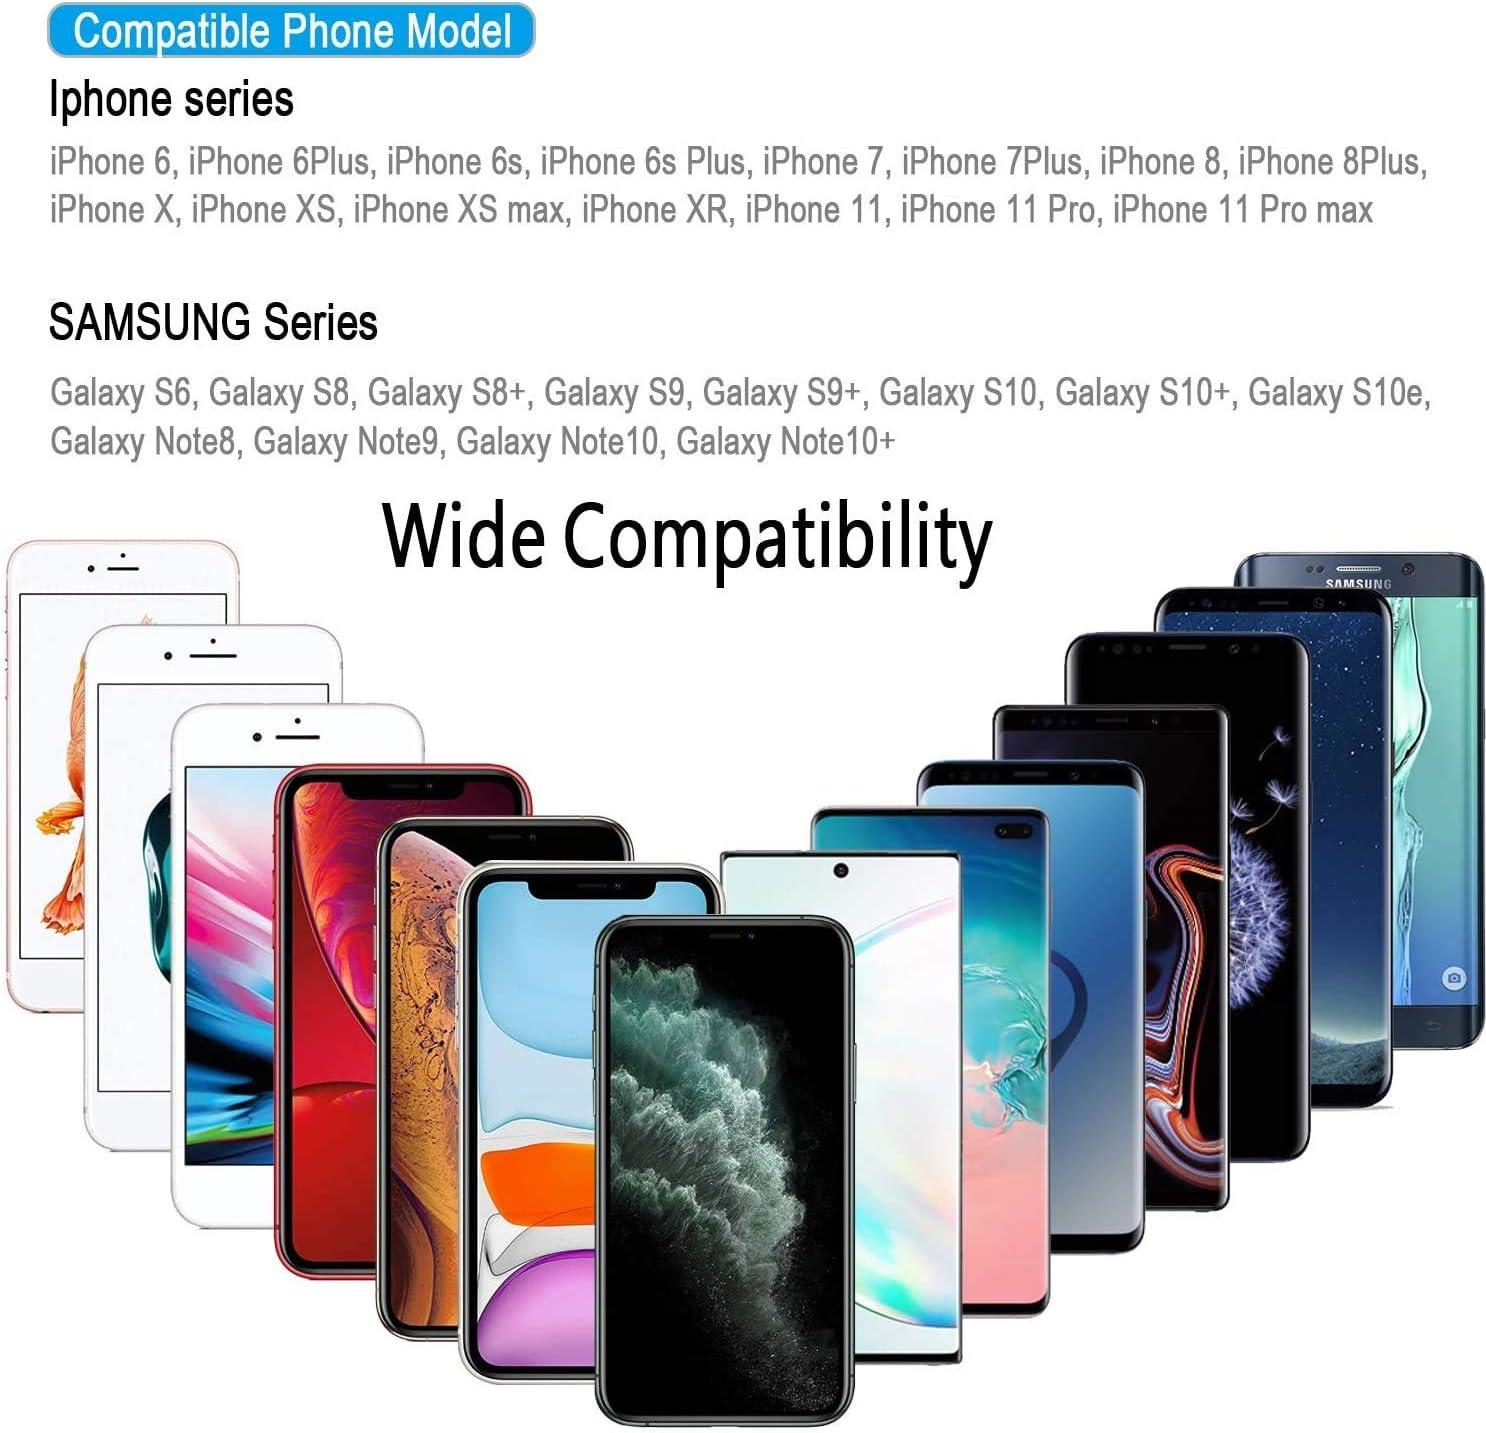 Universel Coque Étanche et Anti-Choc pour iPhone 11 Pro Max XS Max XR X 8 7 6S Plus Galaxy Note10 10 s9 S9 Jusqu'à 6.8 PoucesÉtanche jusqu'à 15 m